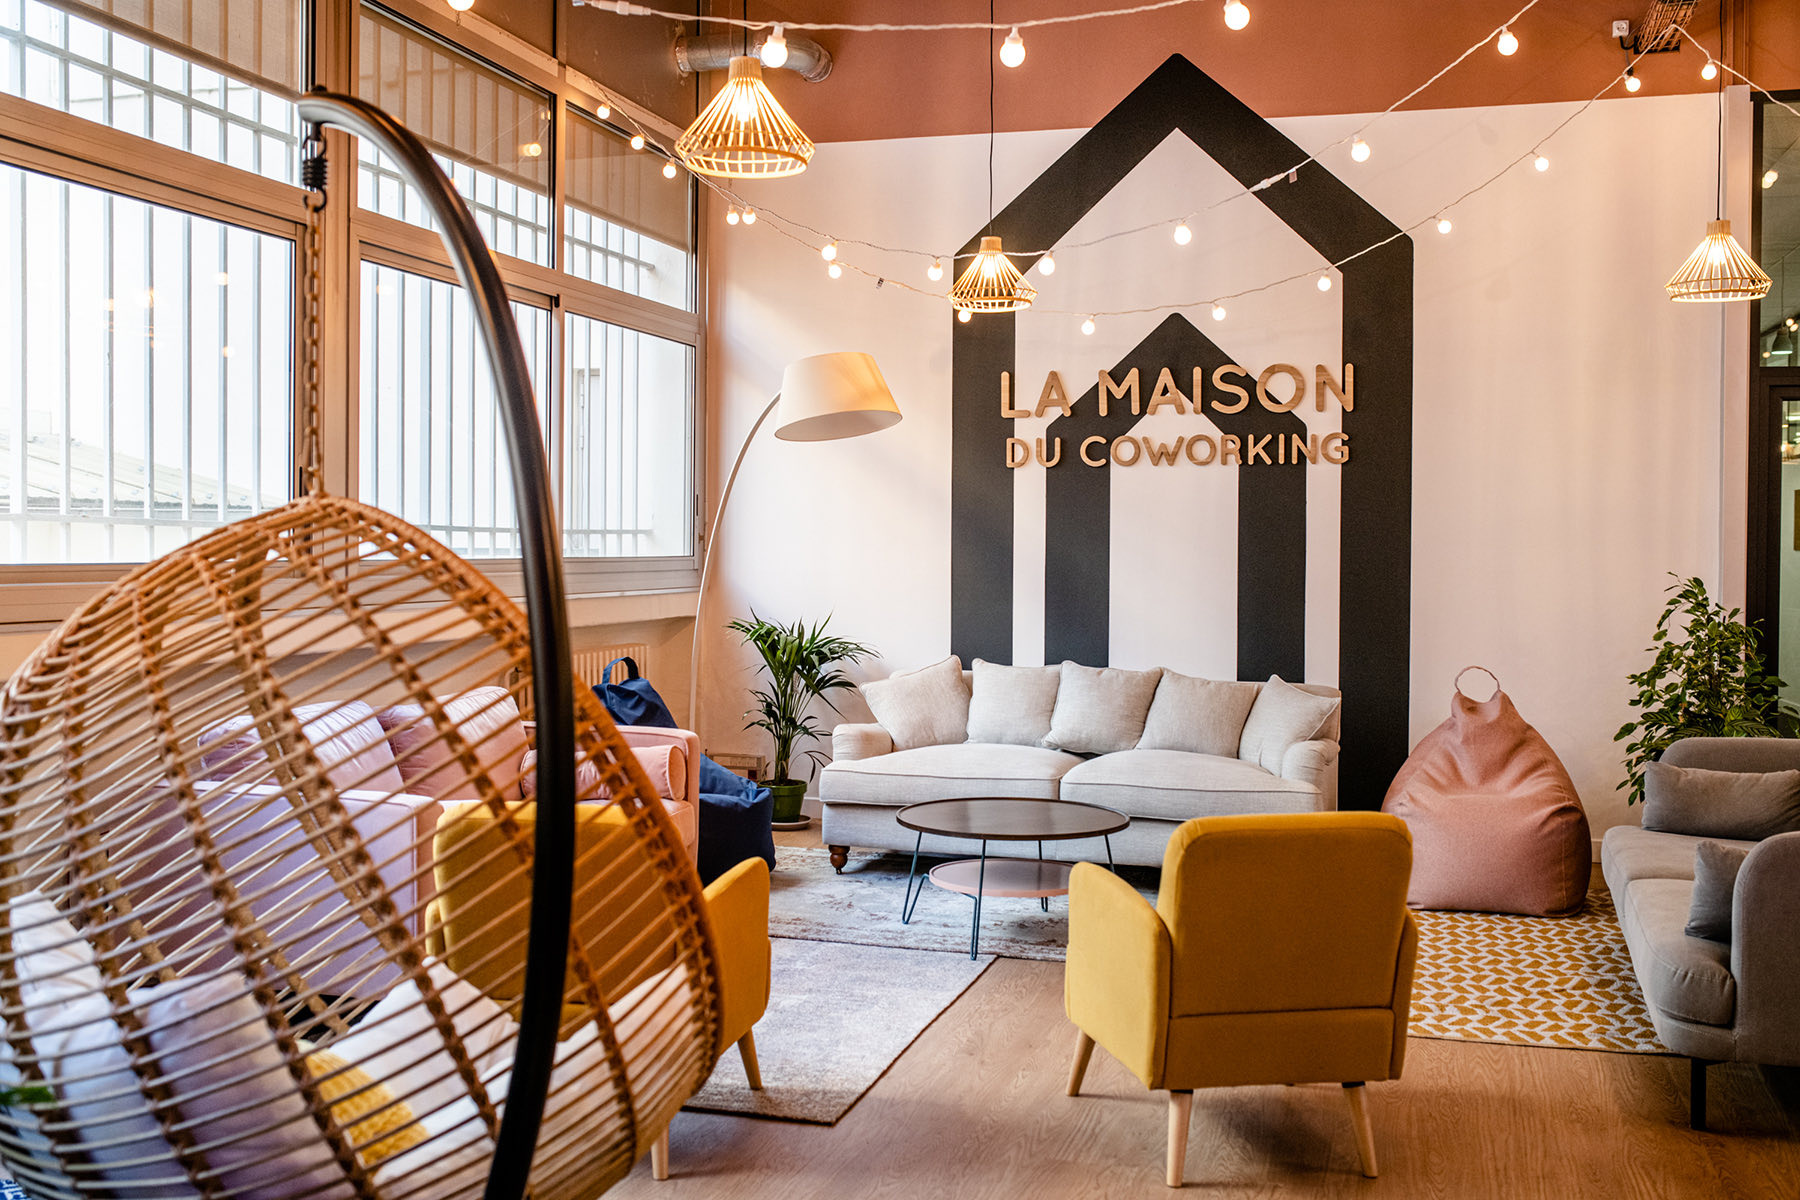 la-maison-coworking-space1